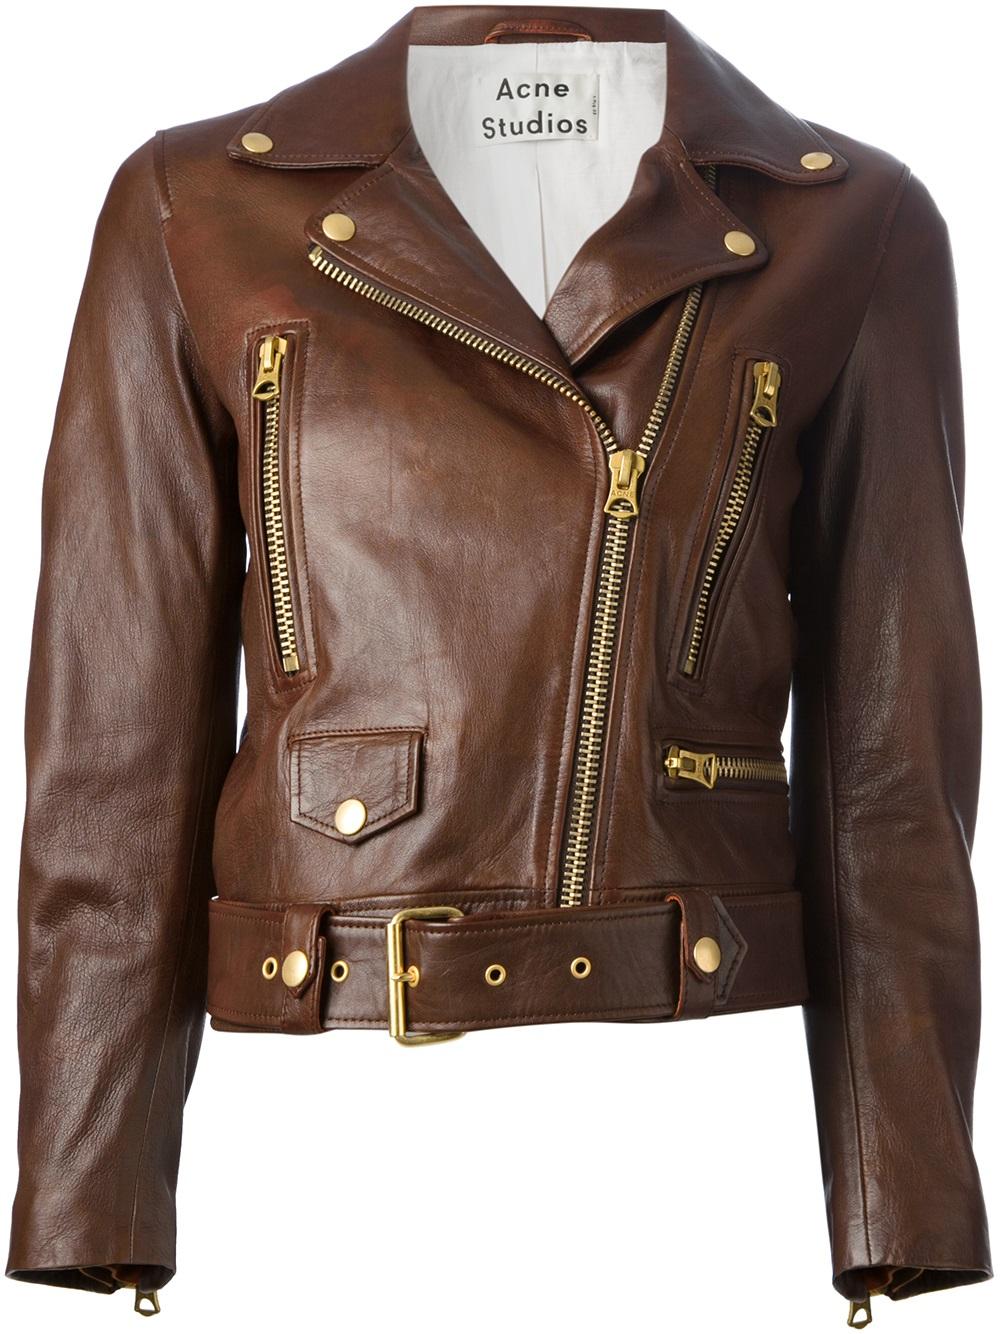 Acne Studios Mock Vintage Biker Jacket in Brown - Lyst